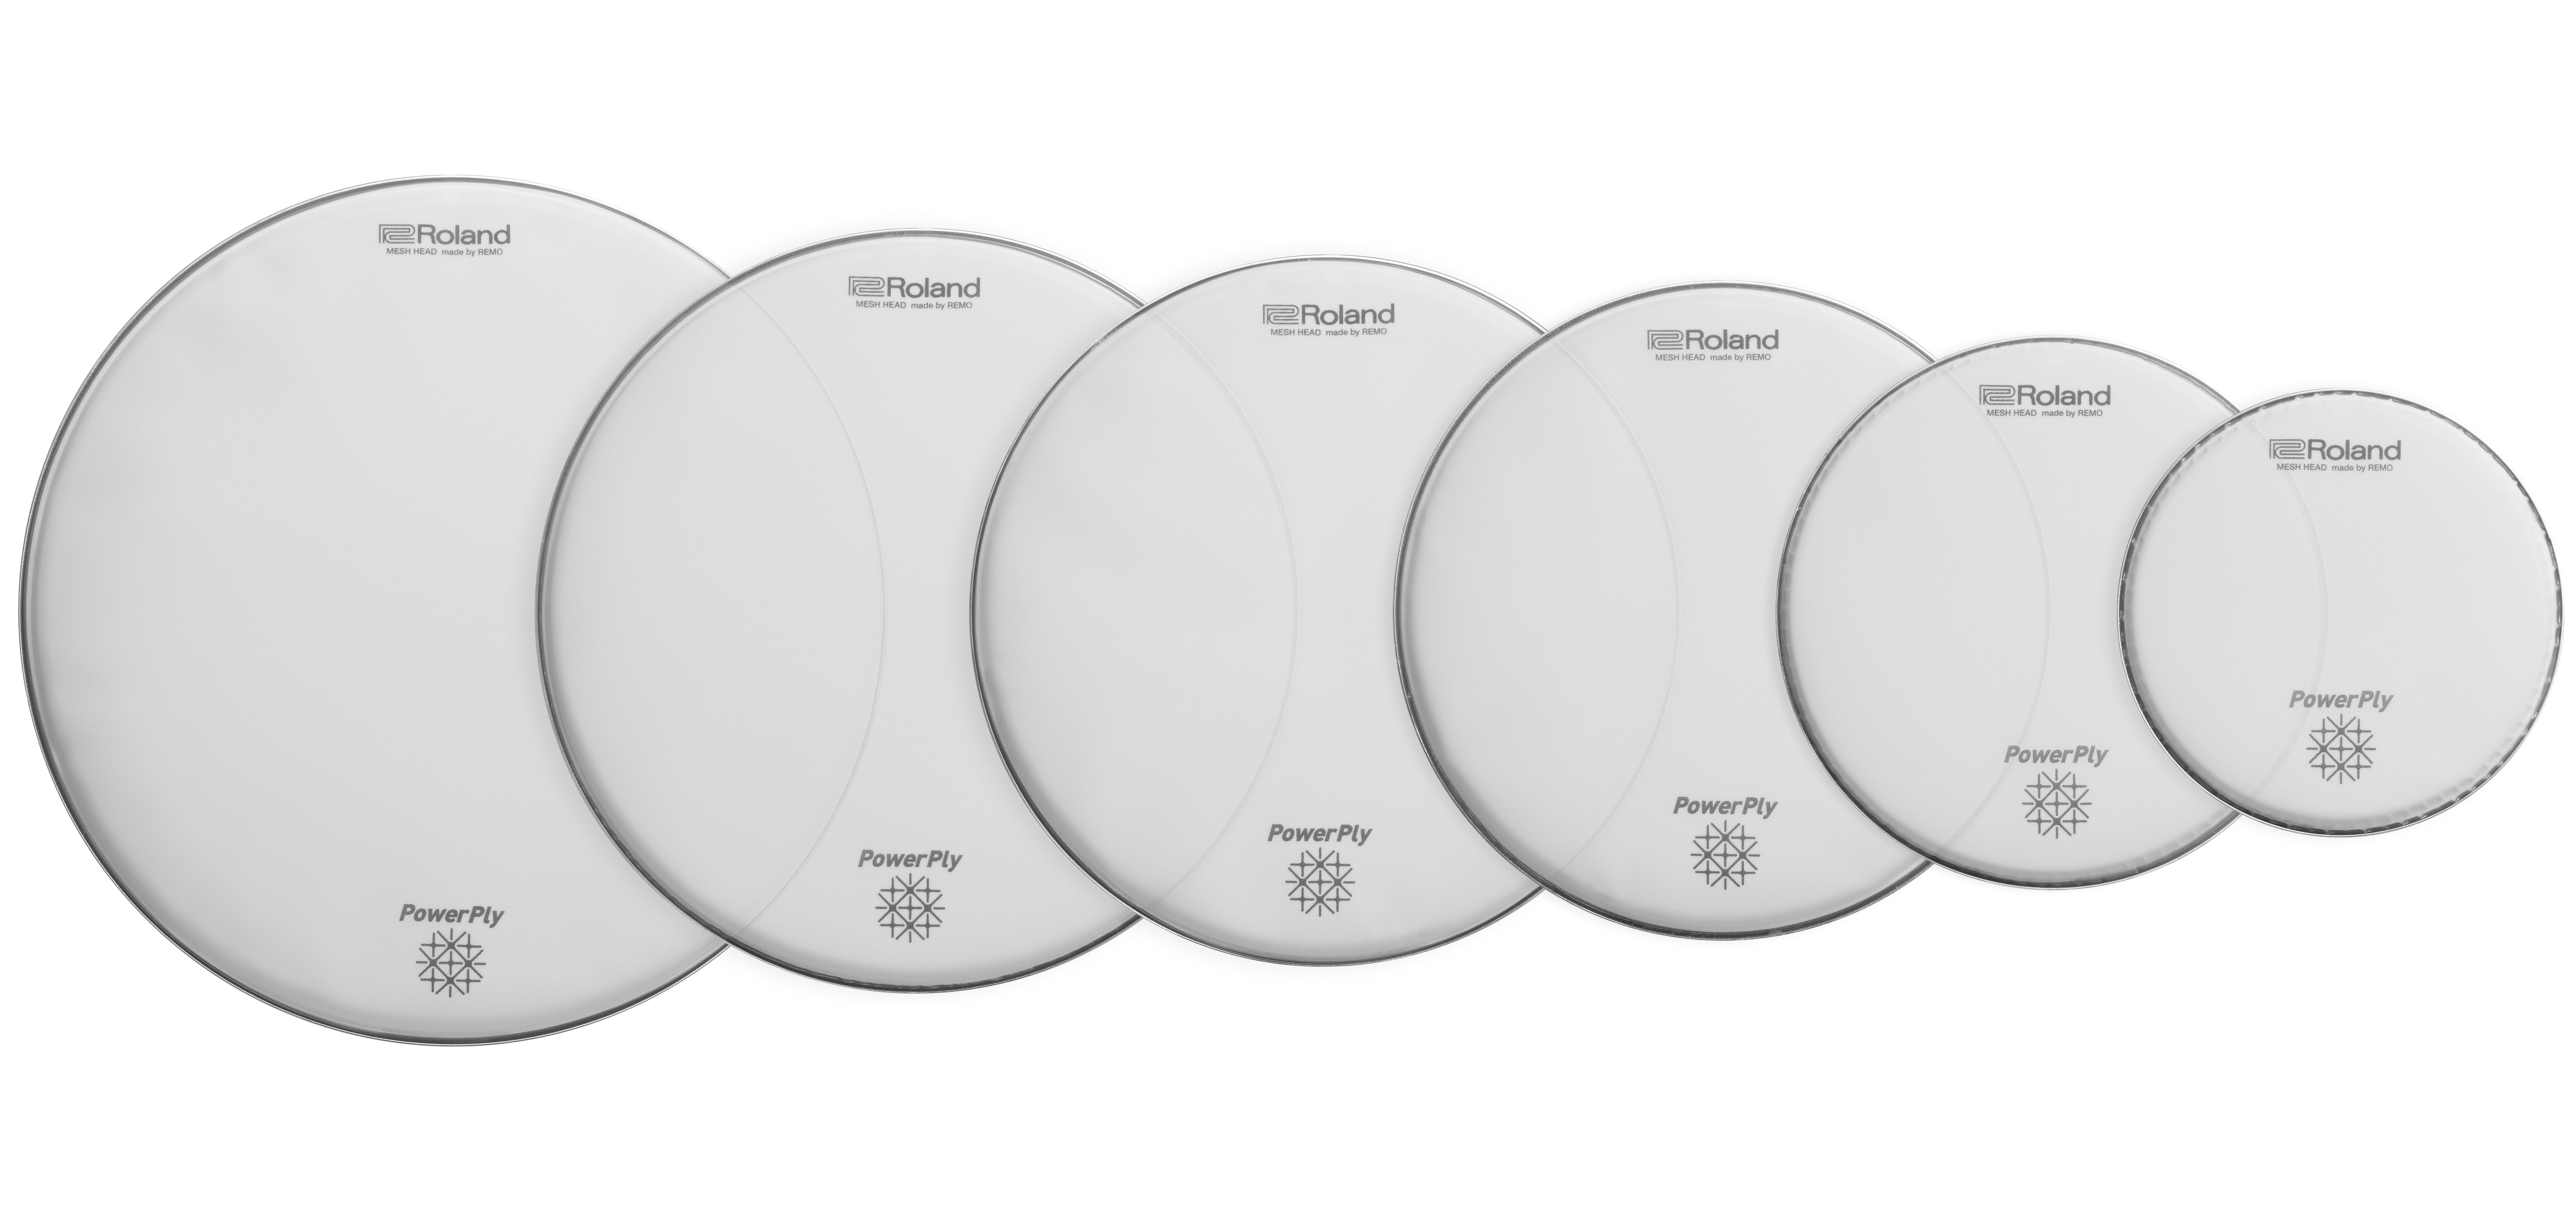 Batteries & Percussions - PEAUX - BATTERIE - ROLAND - MH2-8 - Royez Musik